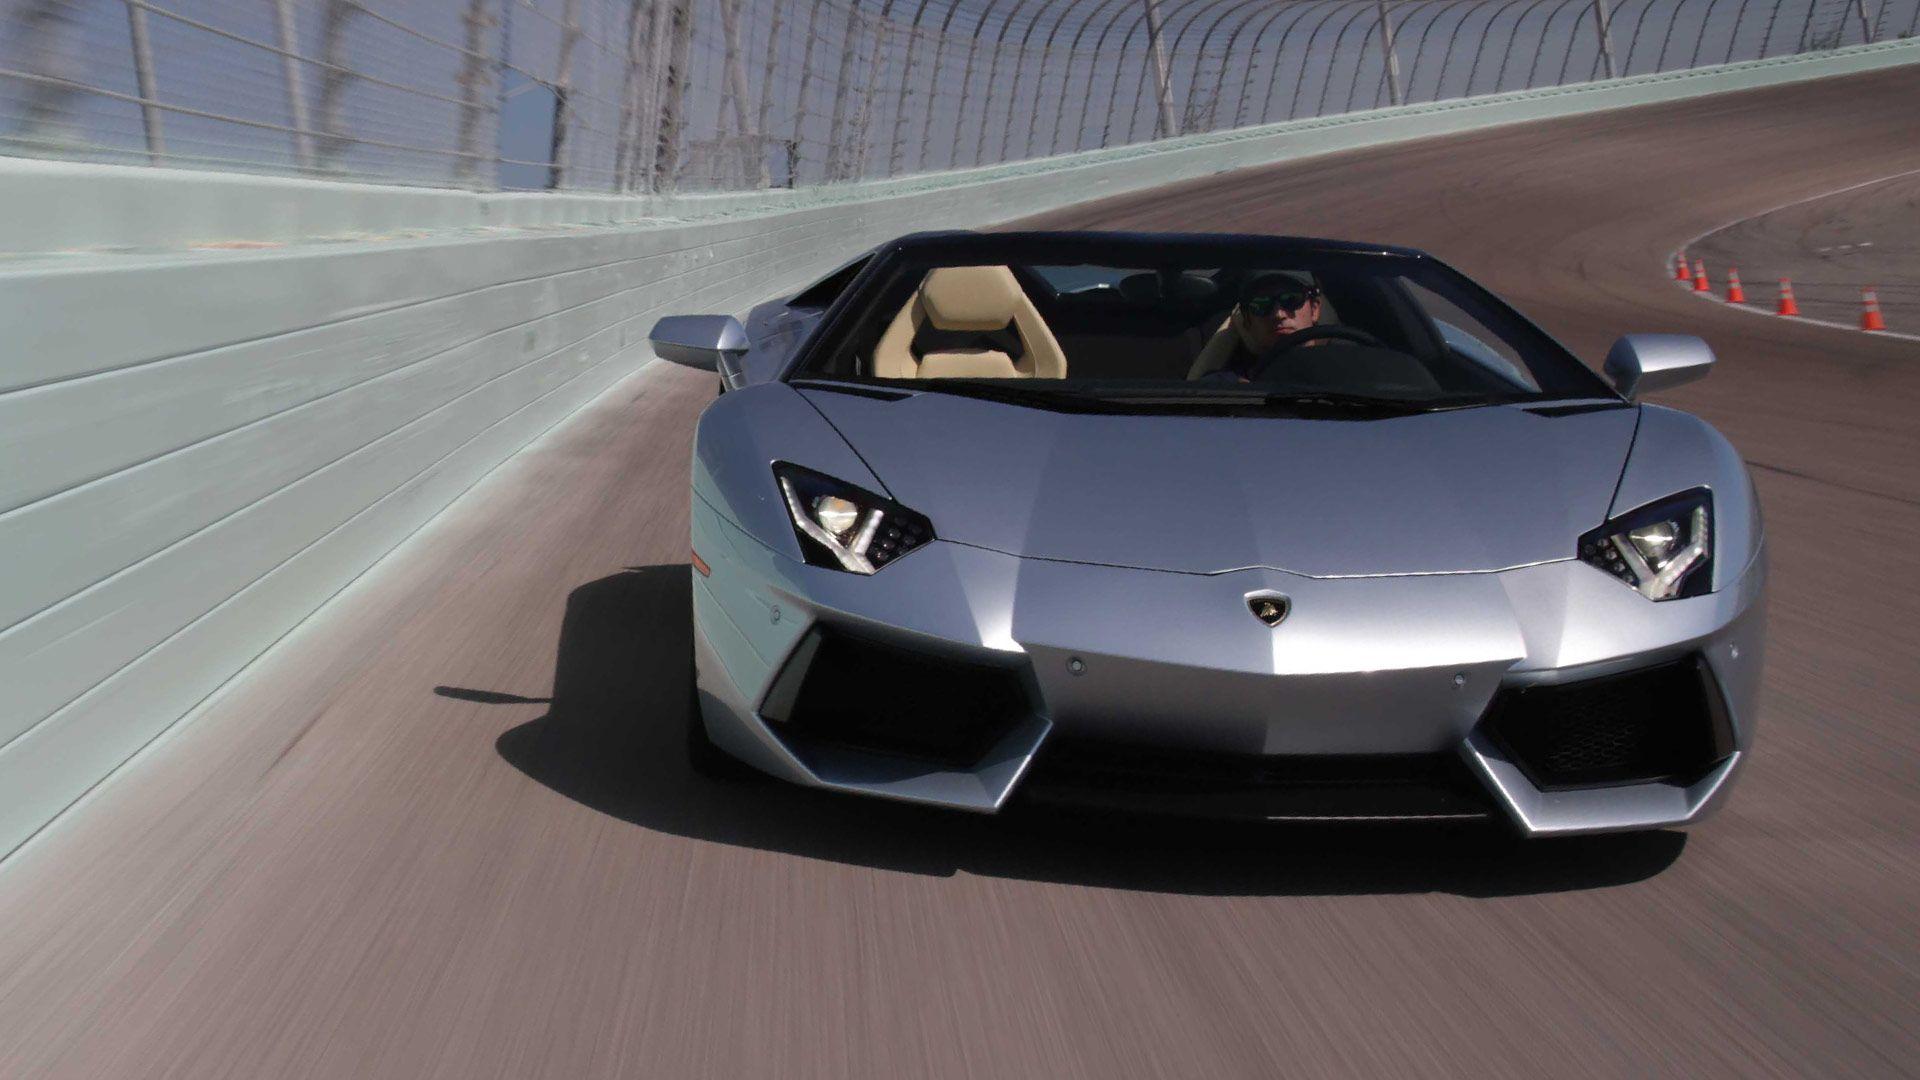 rent lambarghini top car all reviews luxury veneno cars exotic rental best lamborghini roadster a in orlando